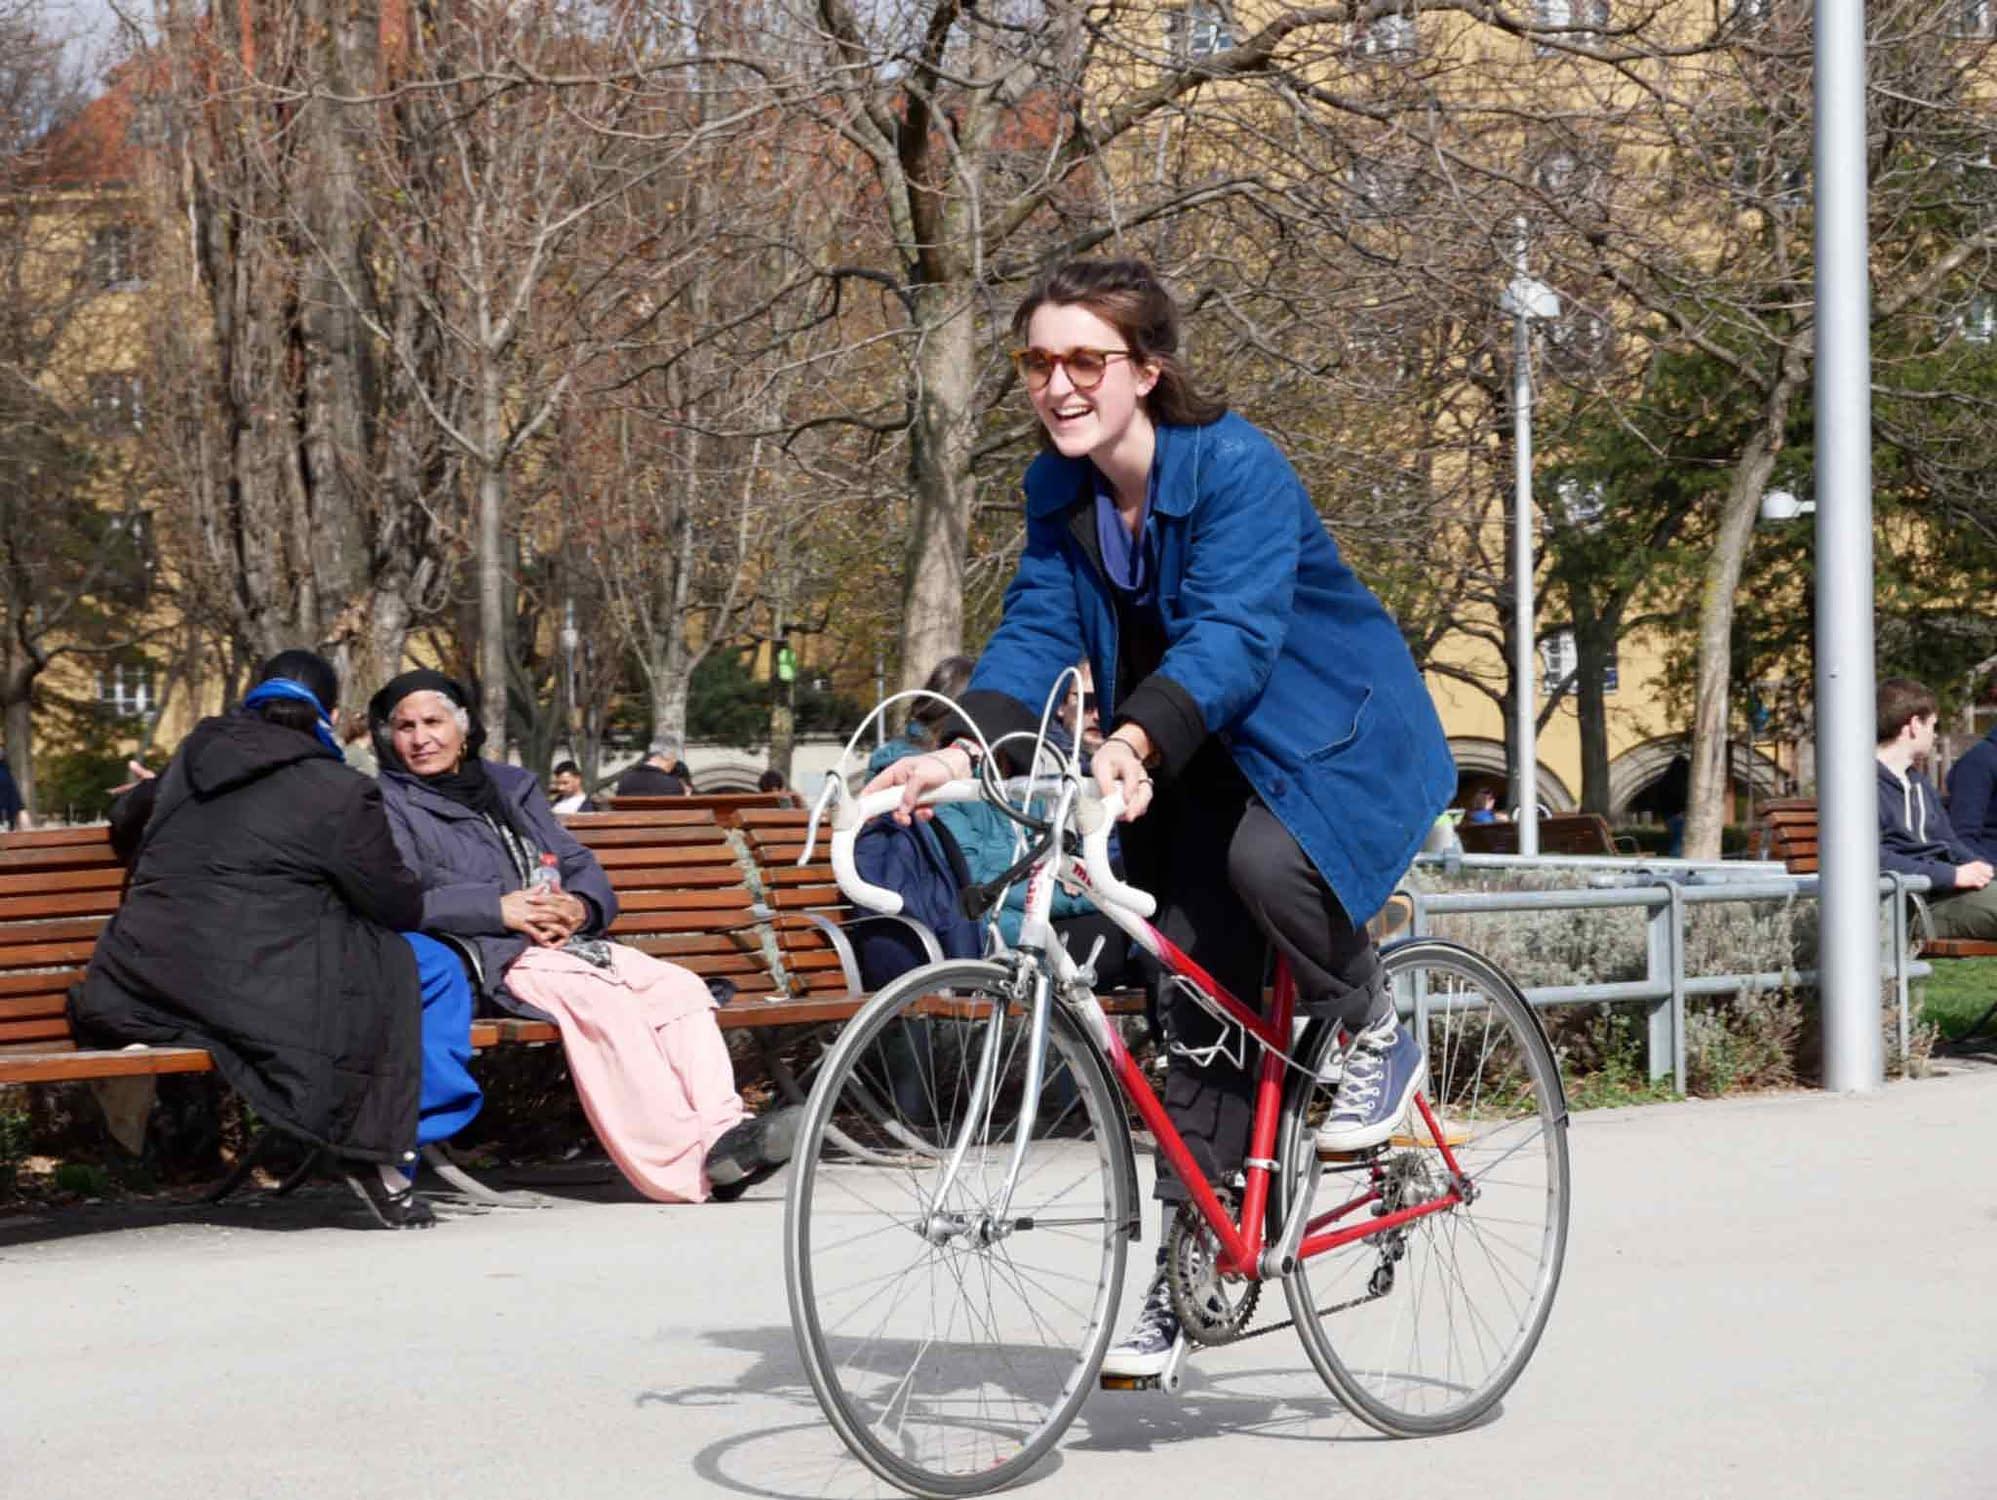 GlückAufsRad - BIKESHOP Custom bikes - Auftragsfahrrad nach Kundenwunsch